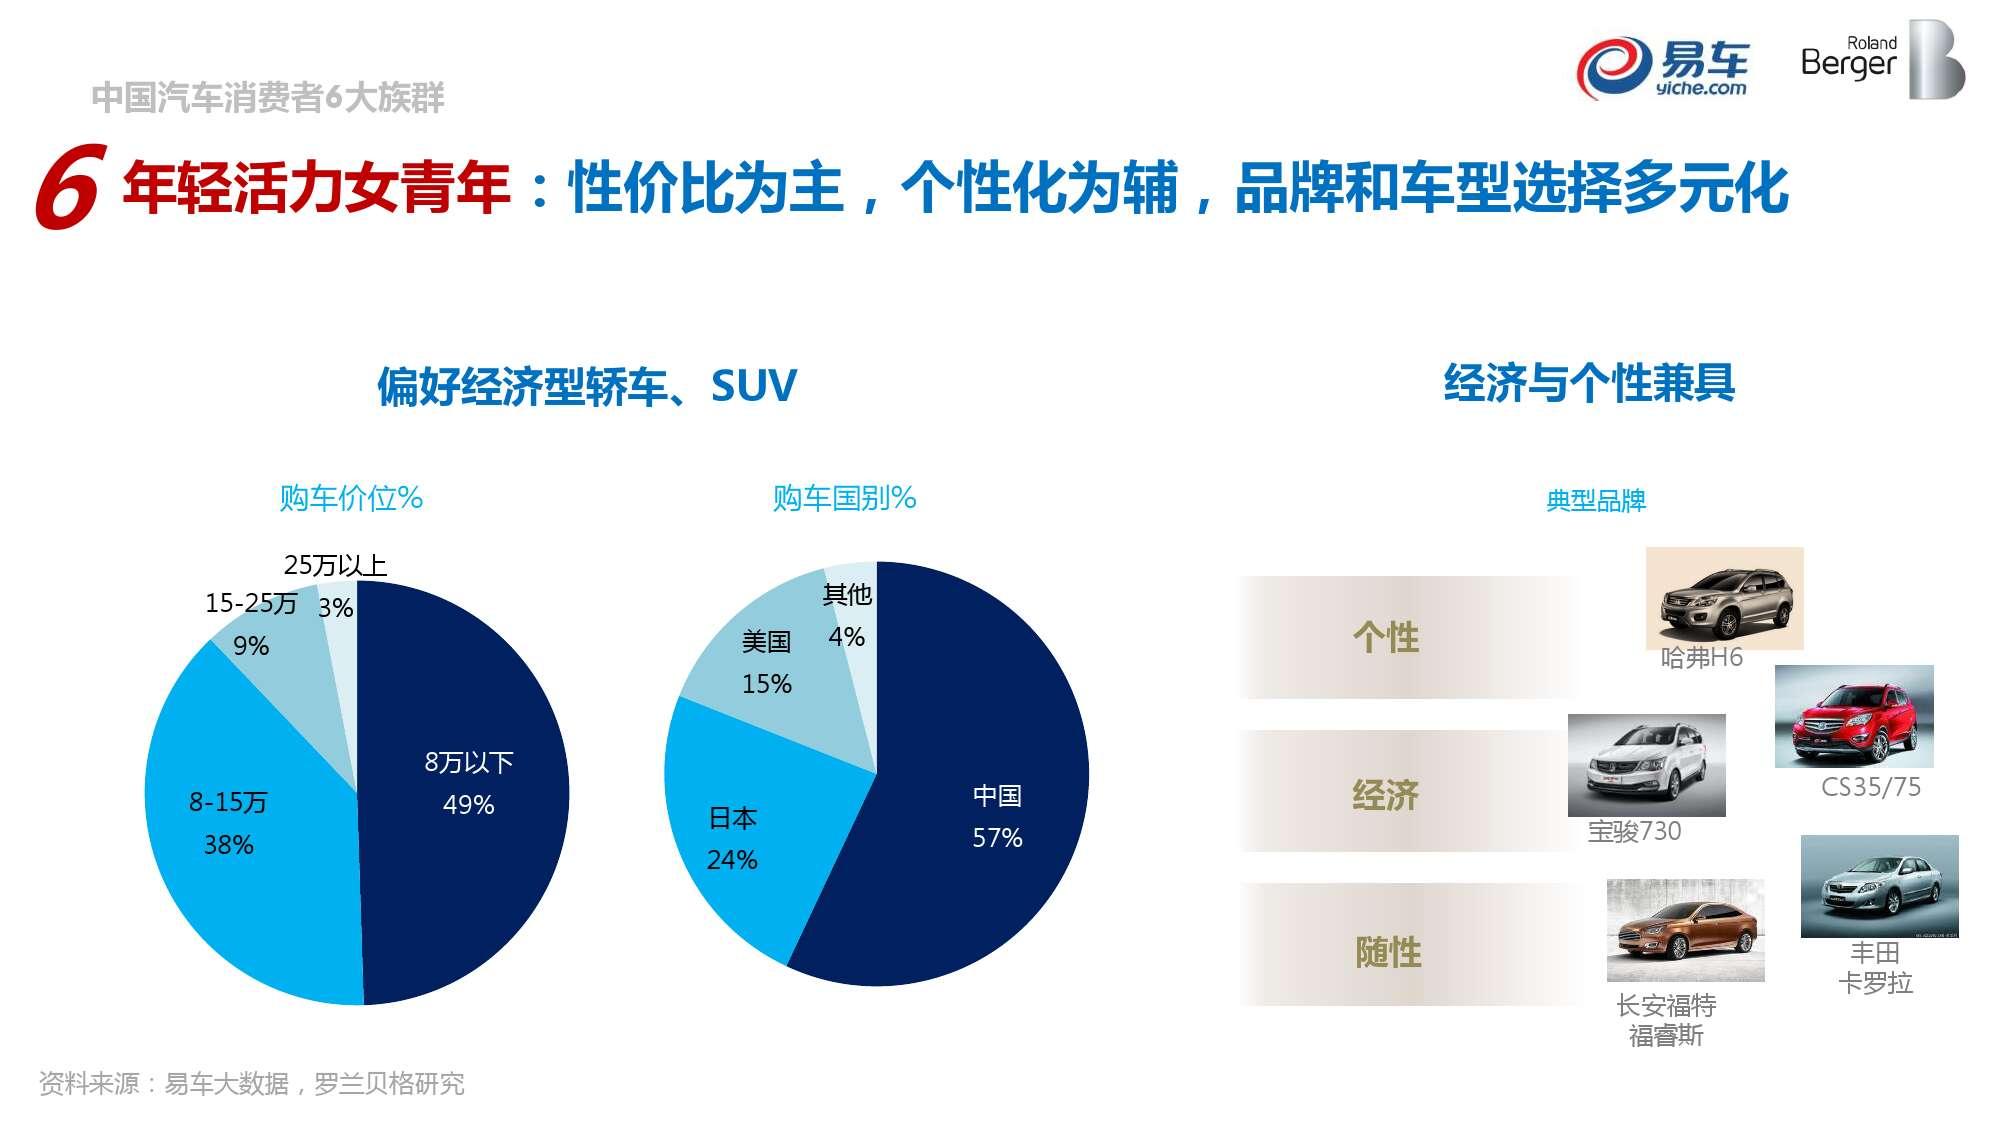 2015中国汽车消费者洞察报告_000043